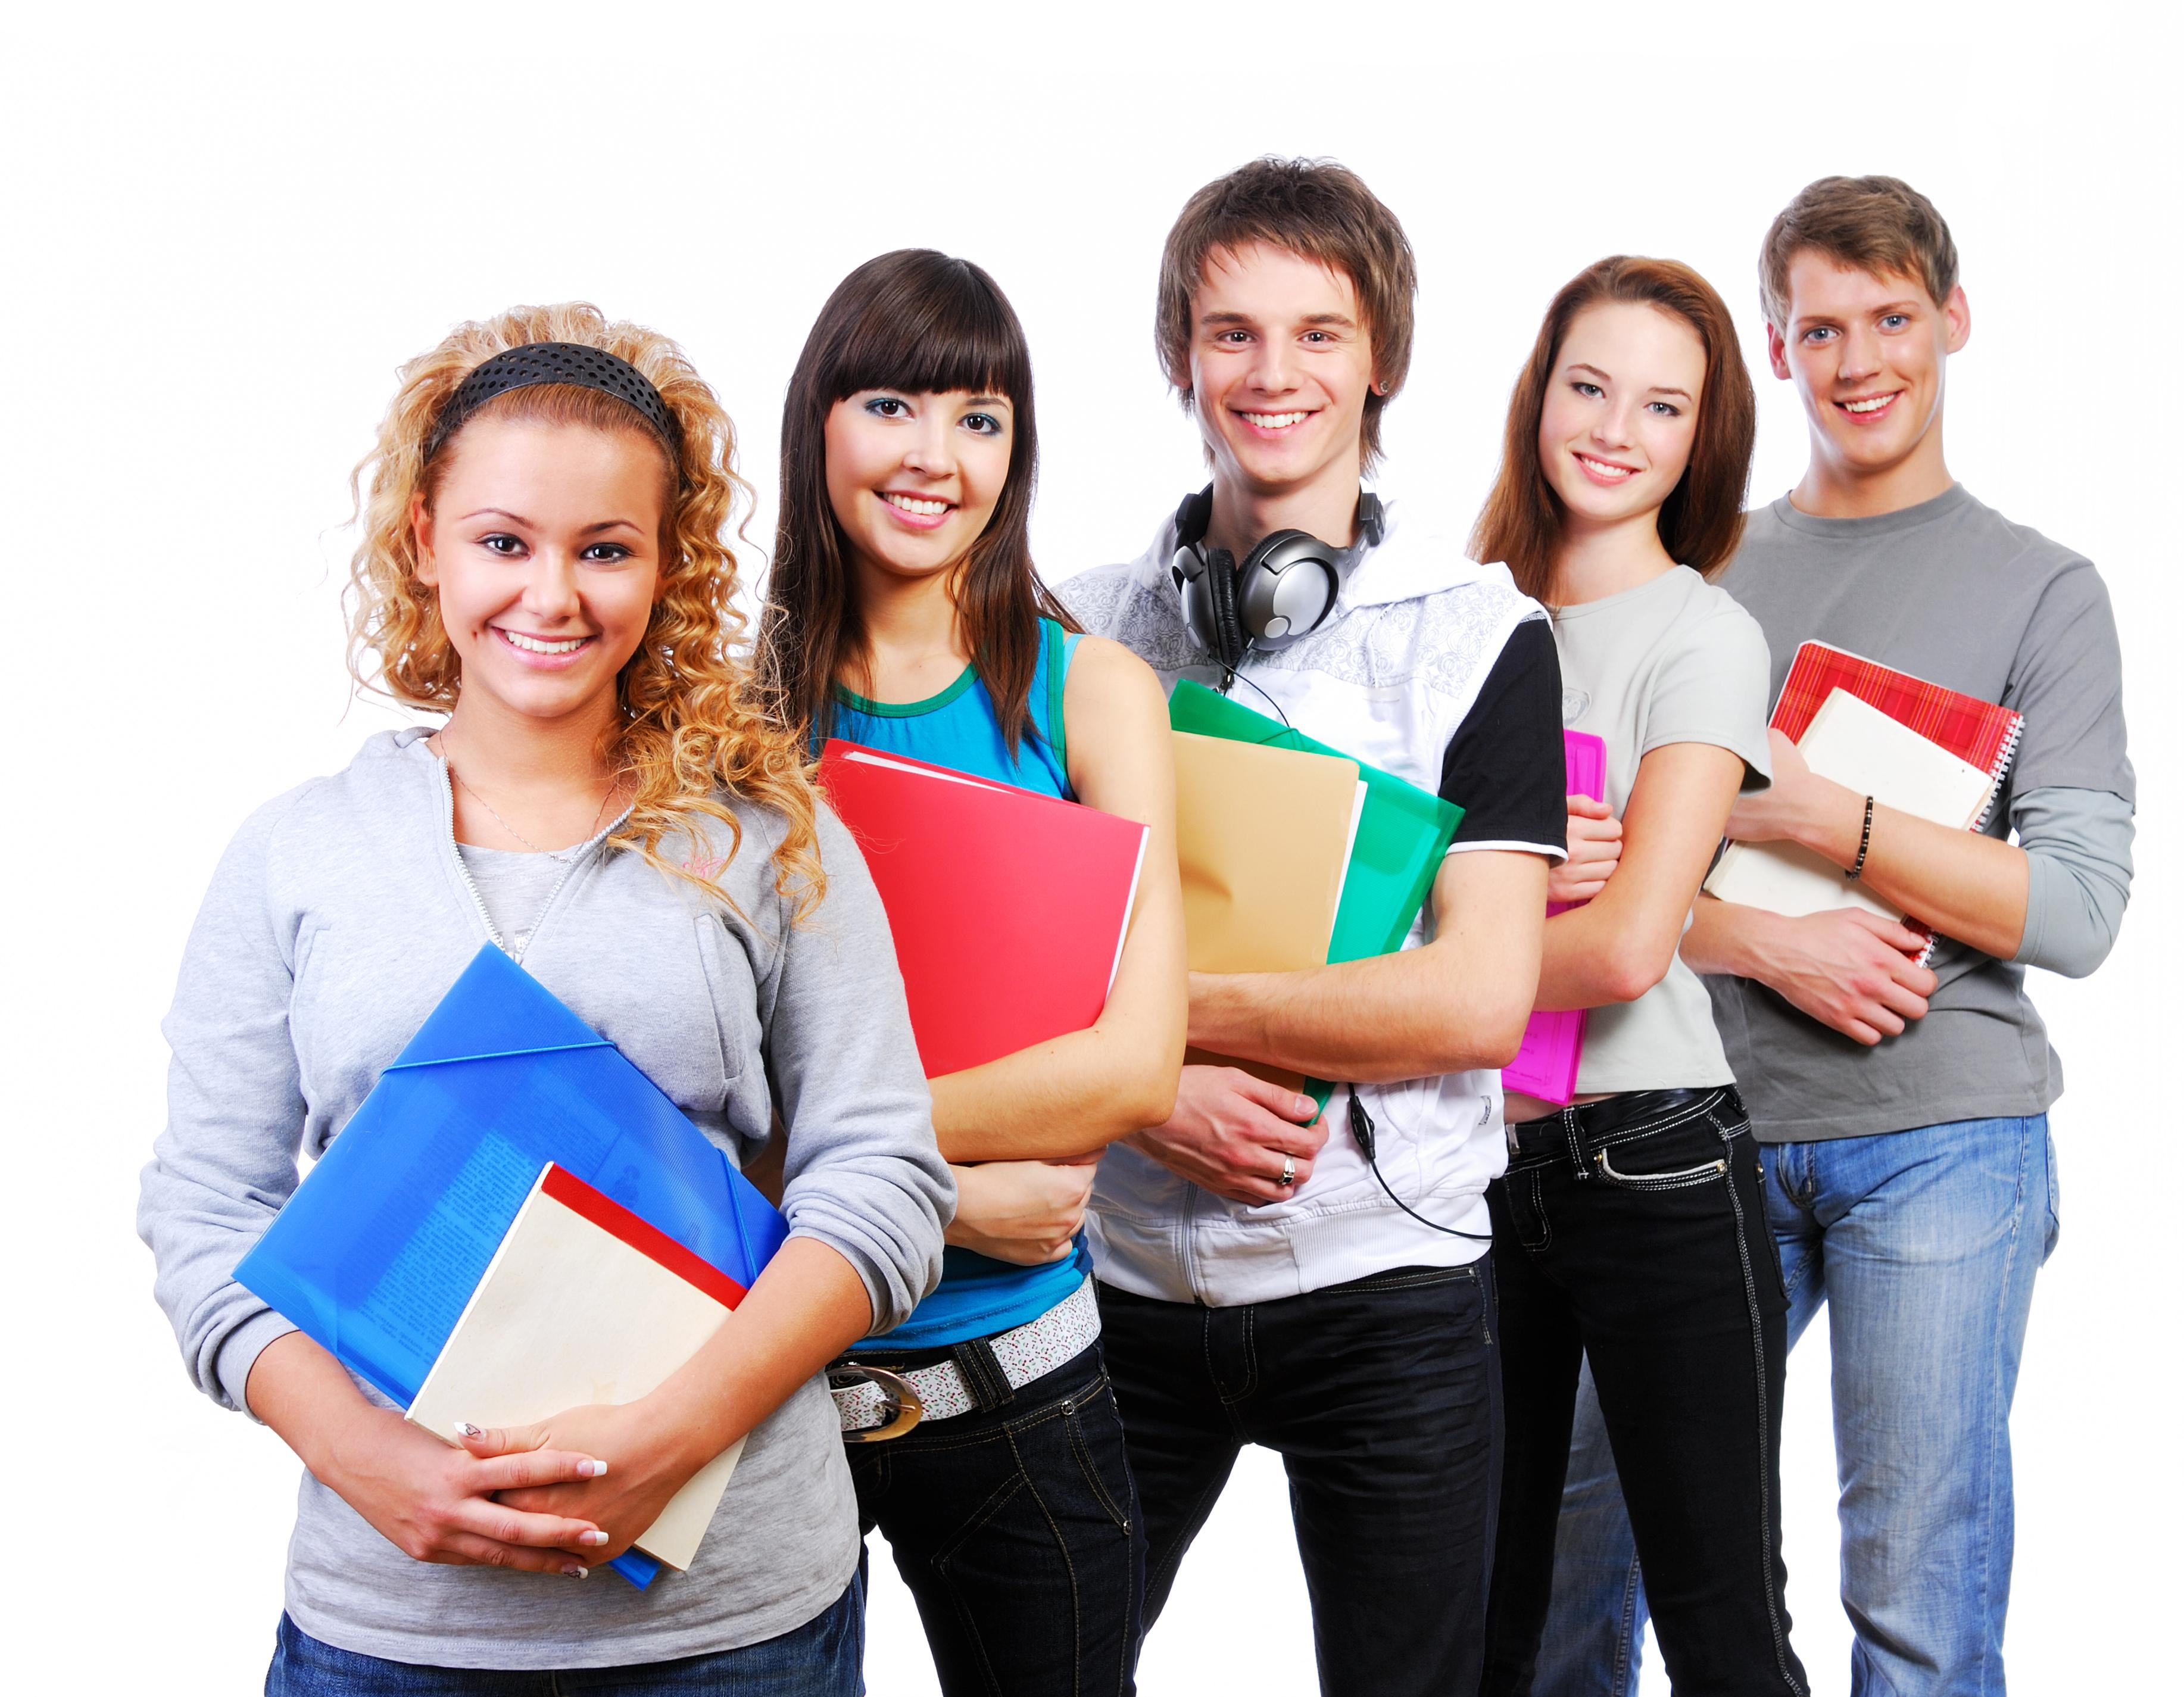 Nabór wniosków o przyznanie stypendium na rok szkolny 2017/2018 dla uczniów szkół zawodowych